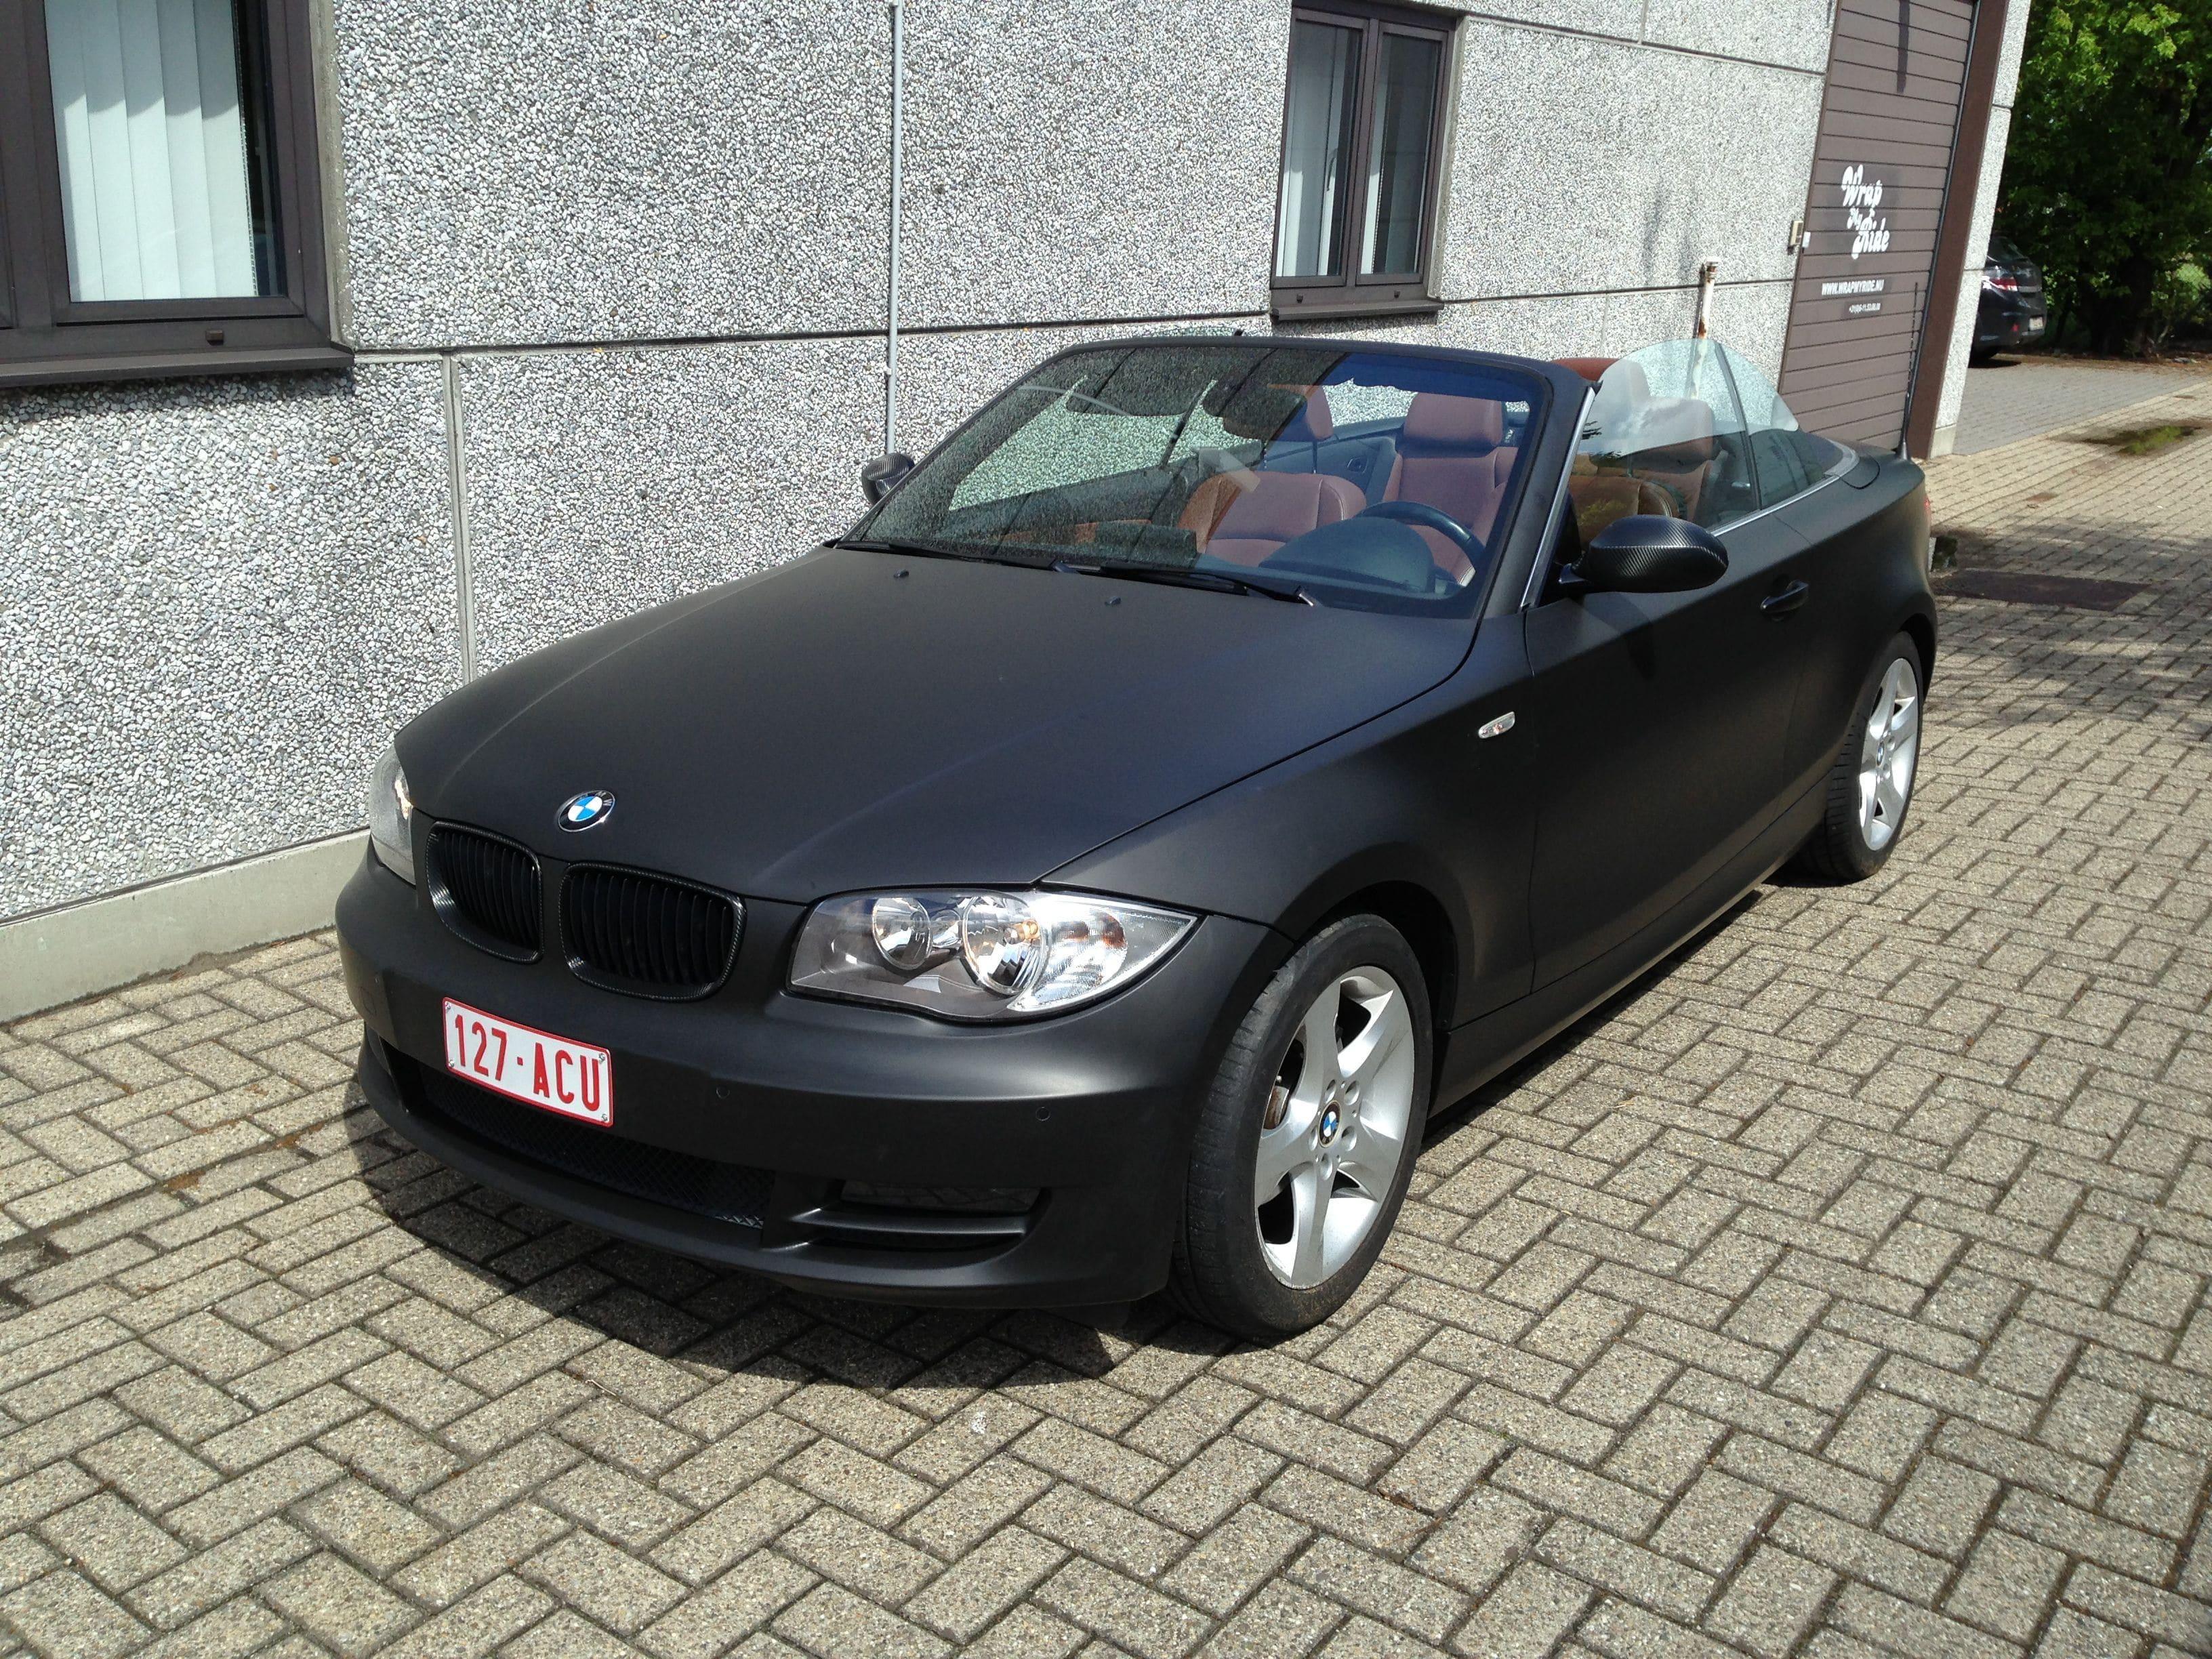 BMW 1 Serie Cabrio met Mat Zwarte Wrap, Carwrapping door Wrapmyride.nu Foto-nr:5198, ©2021